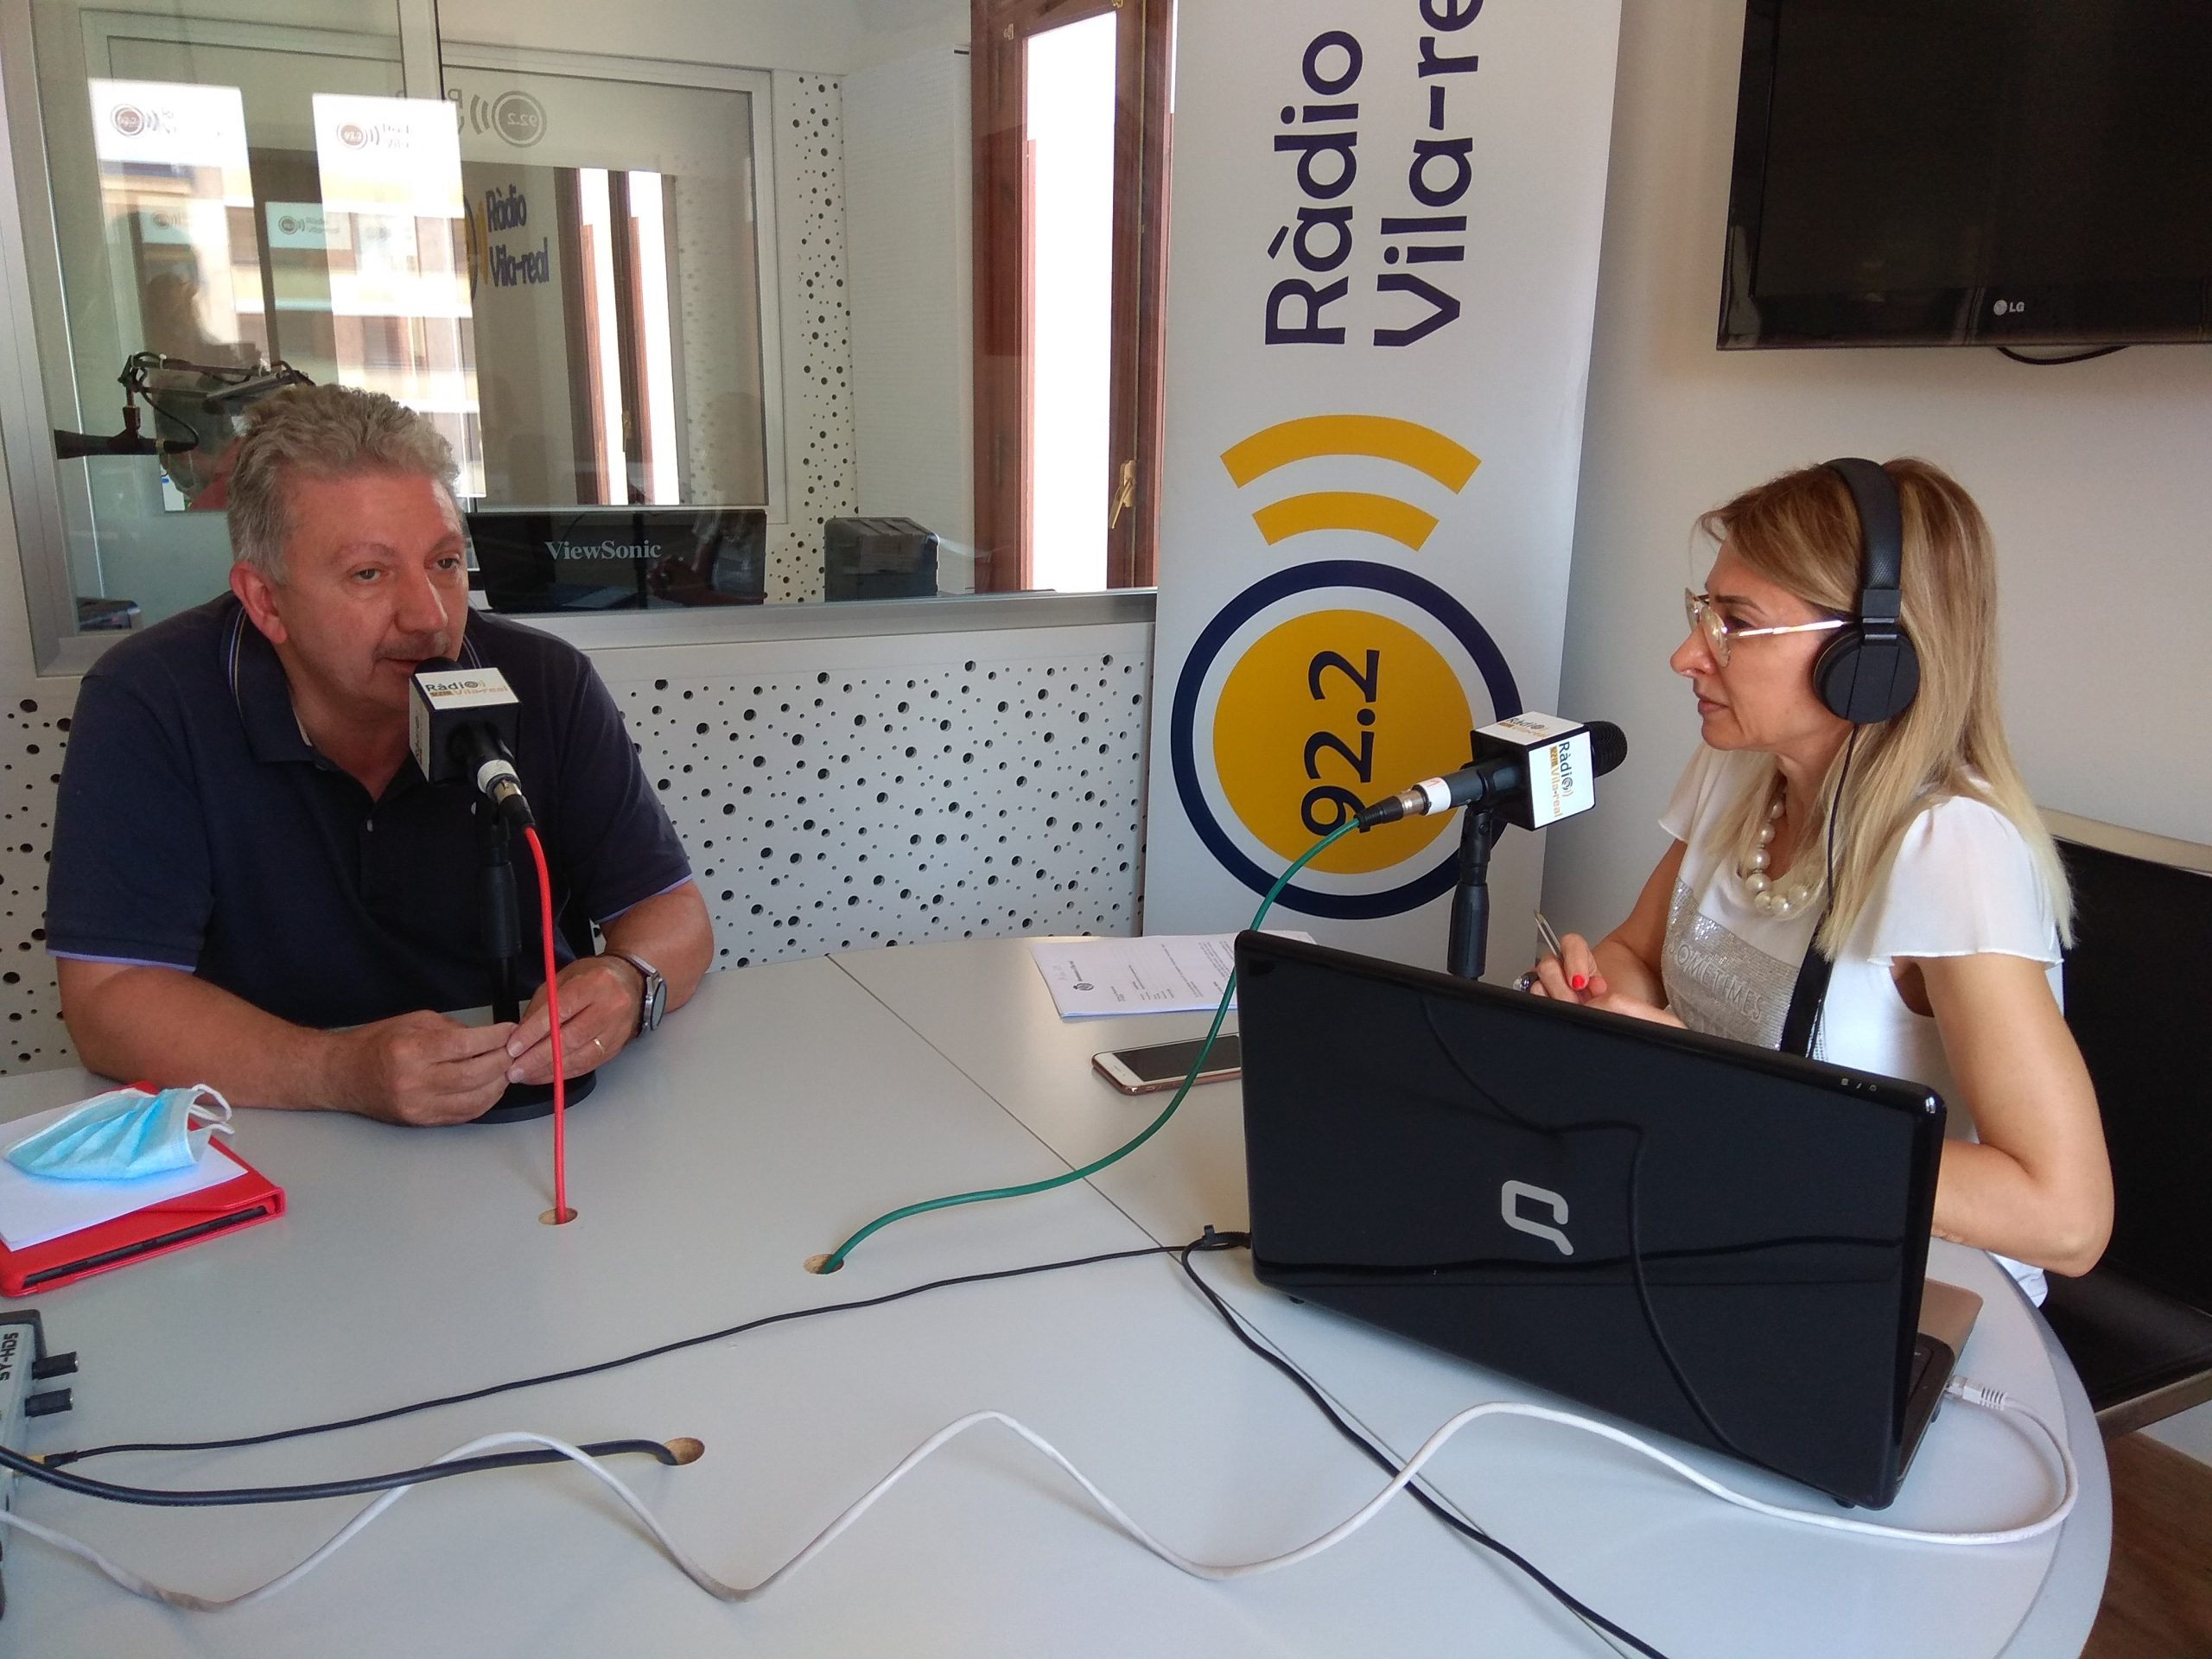 Entrevista al portavoz socialista del gobierno de Vila-real, Javier Serralvo